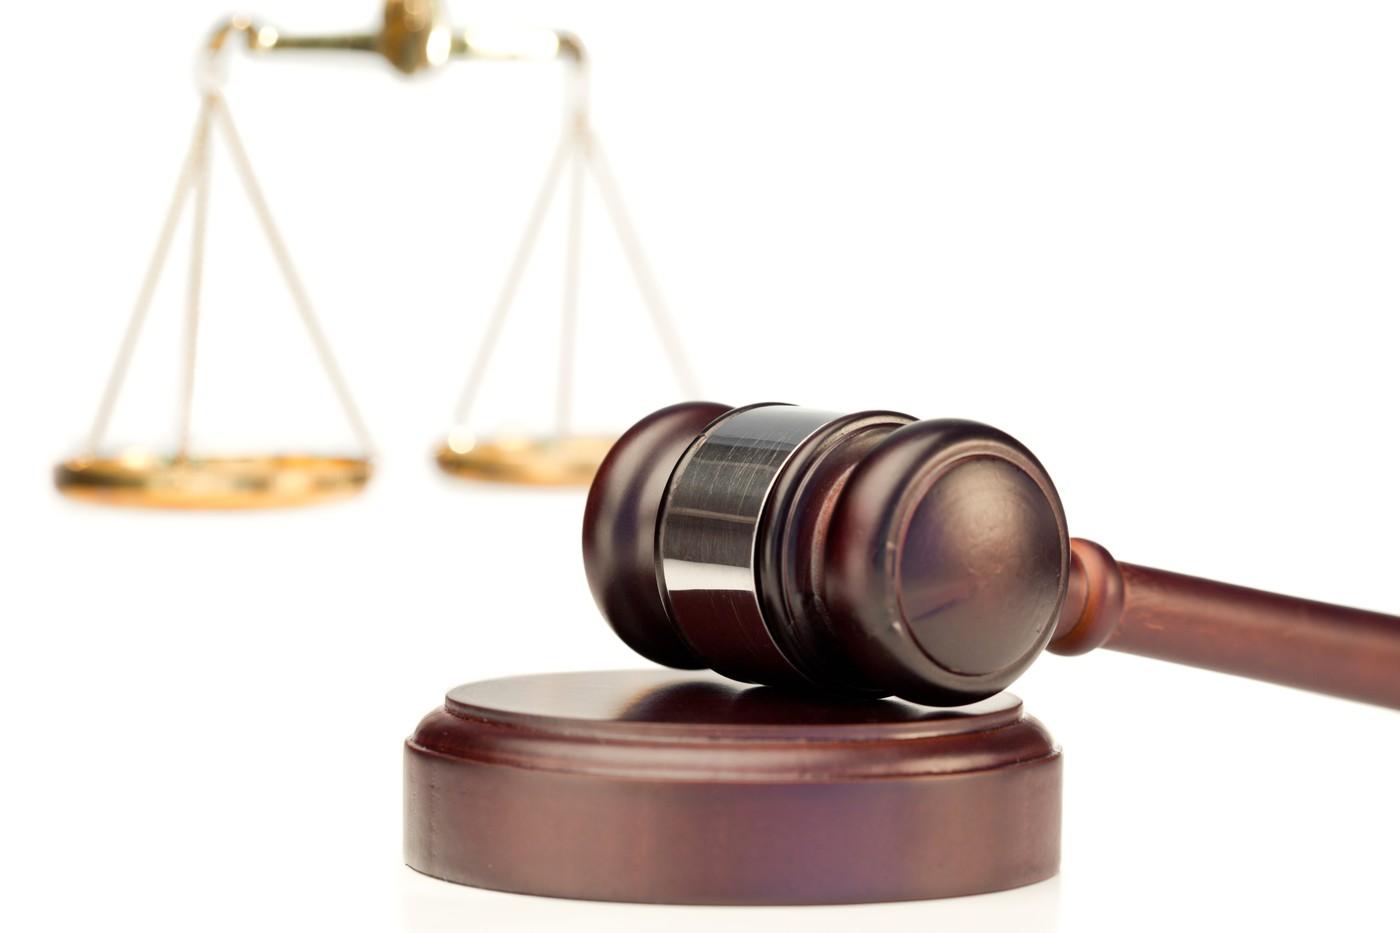 Saslušan svedok u slučaju optužbi protiv Zorana Đokića